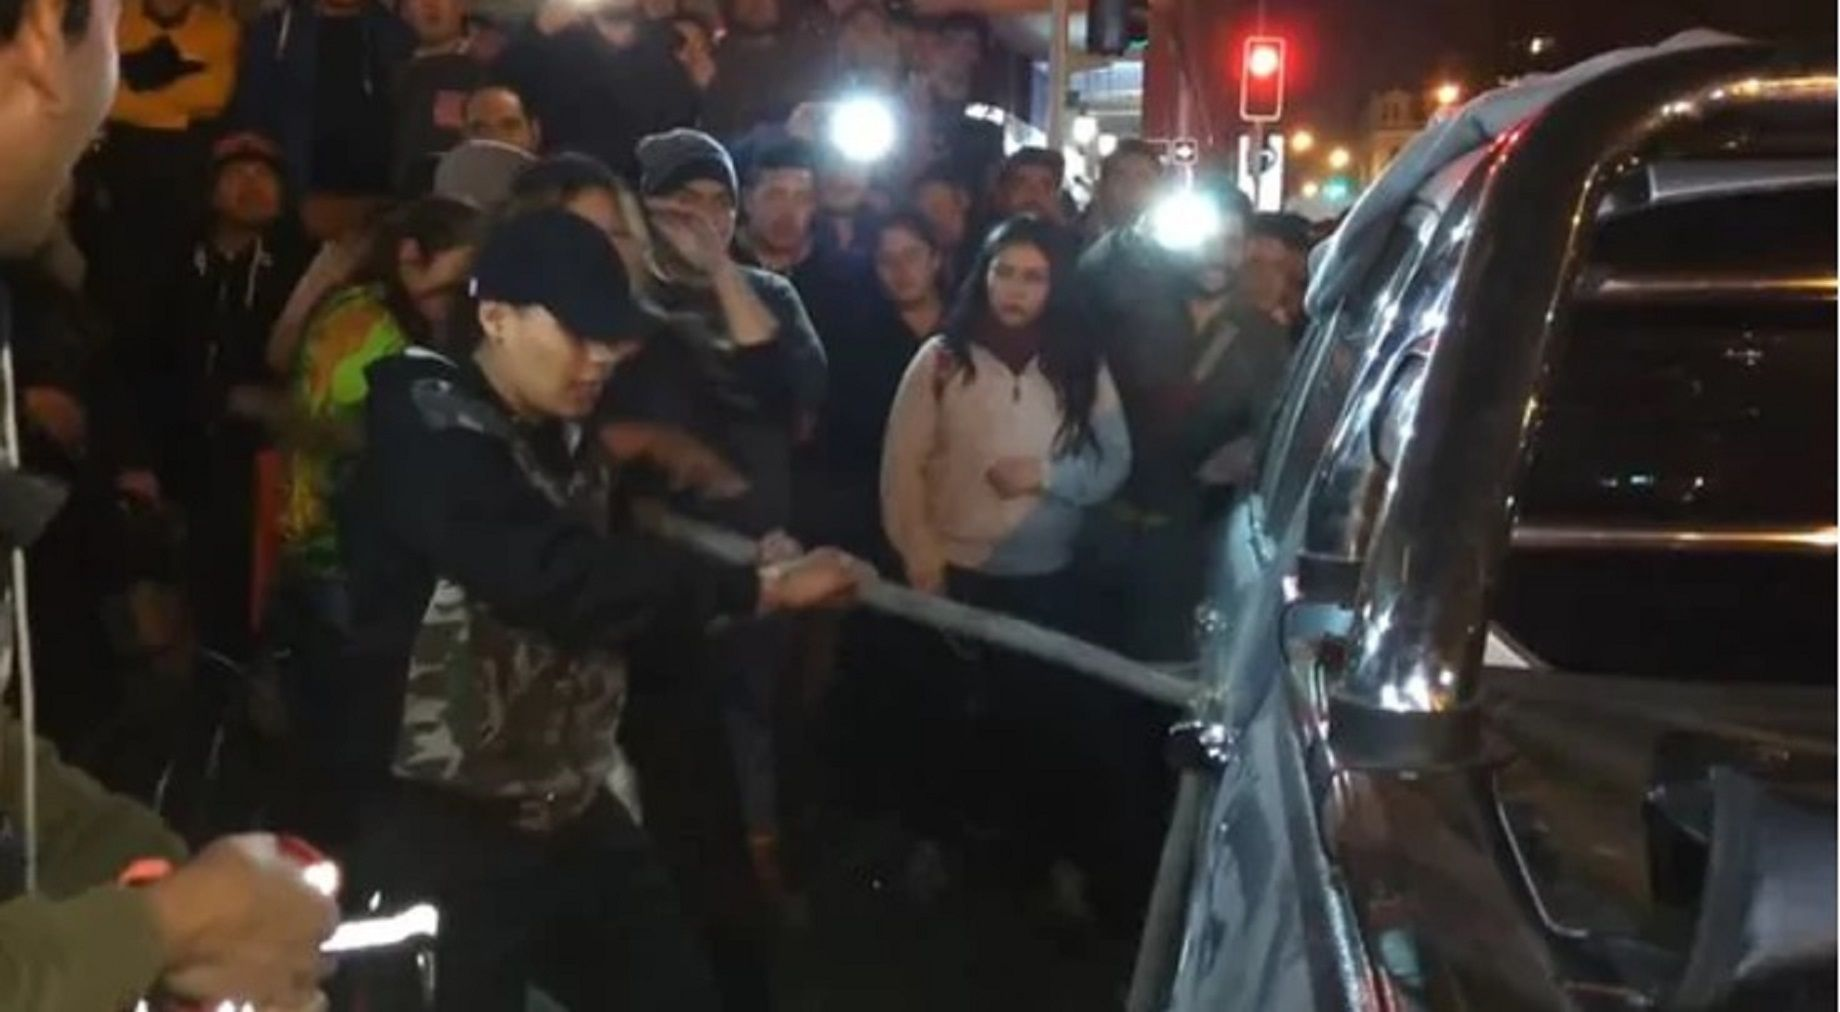 Sorprendió a su marido con su amante y destrozó su camioneta